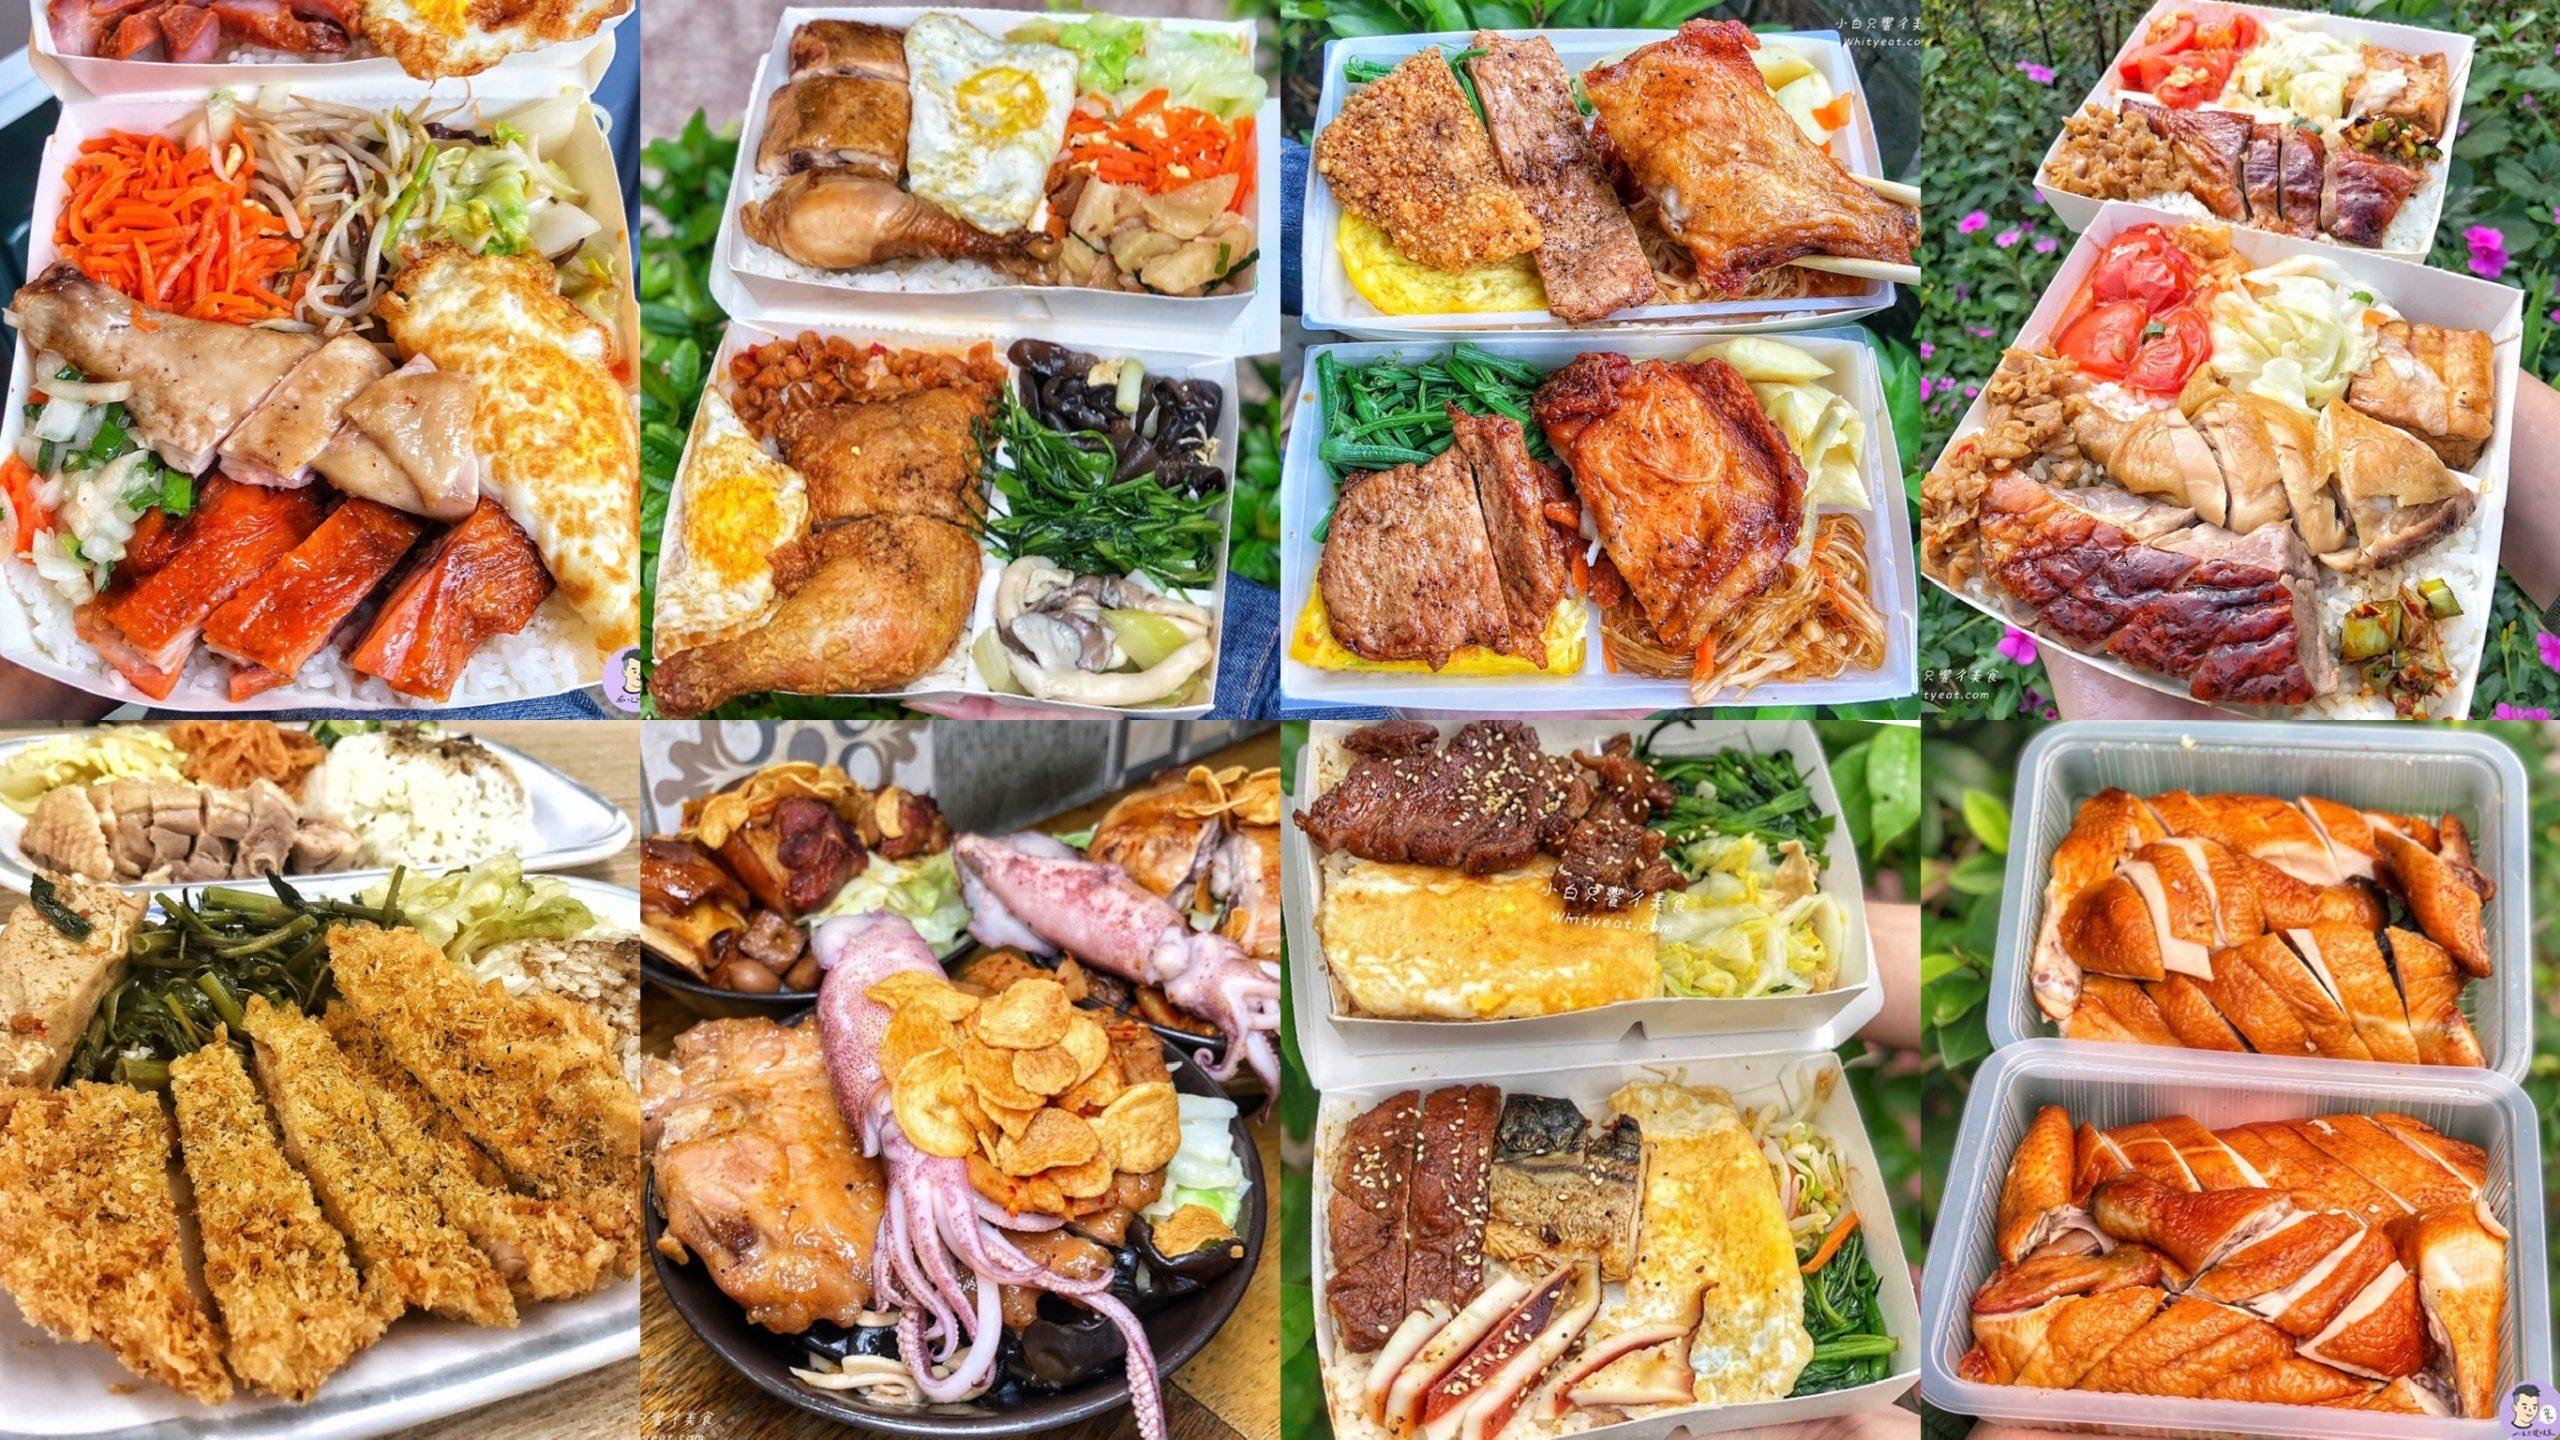 【台南美食】2021台南8間便當懶人包|雙主菜裝滿滿60元、兩小時就賣完的人氣便當店 (持續更新中)